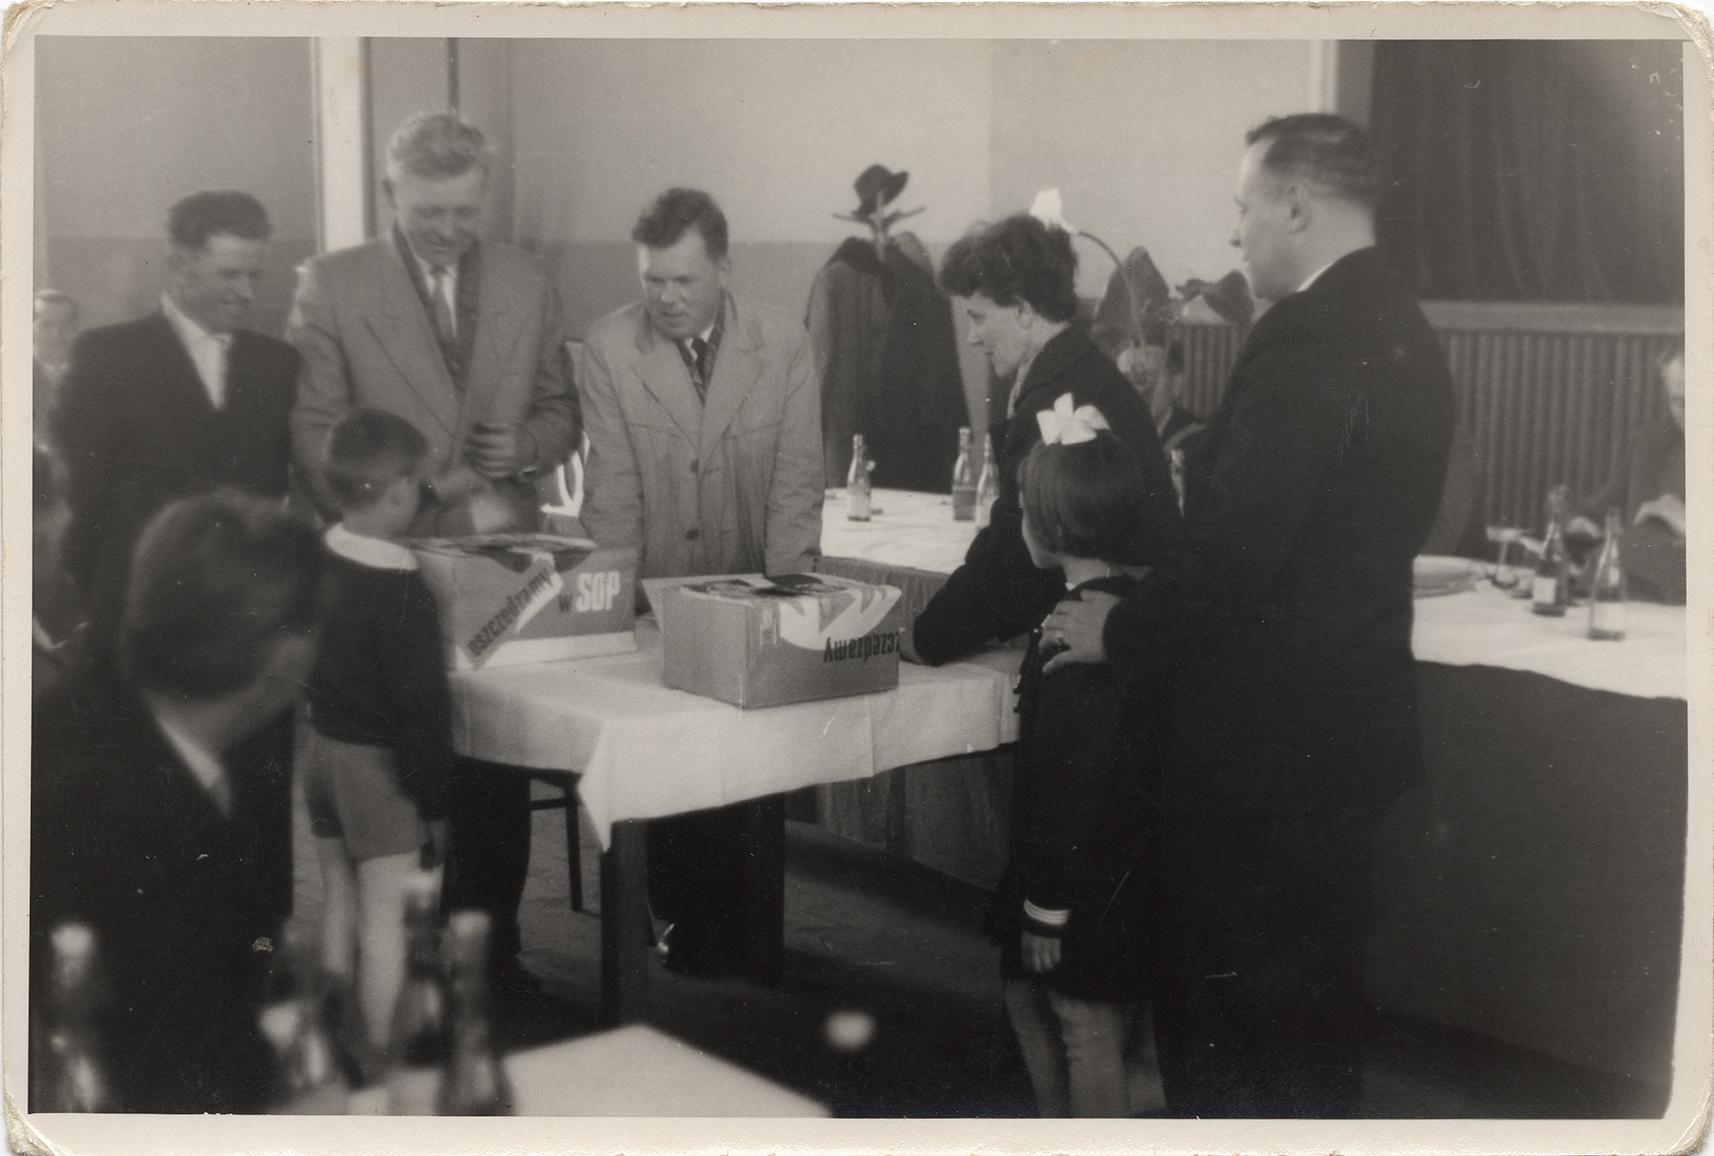 Fotografie ze spotkania SOP pracowników DZCH lata 60-te XX wieku (2)